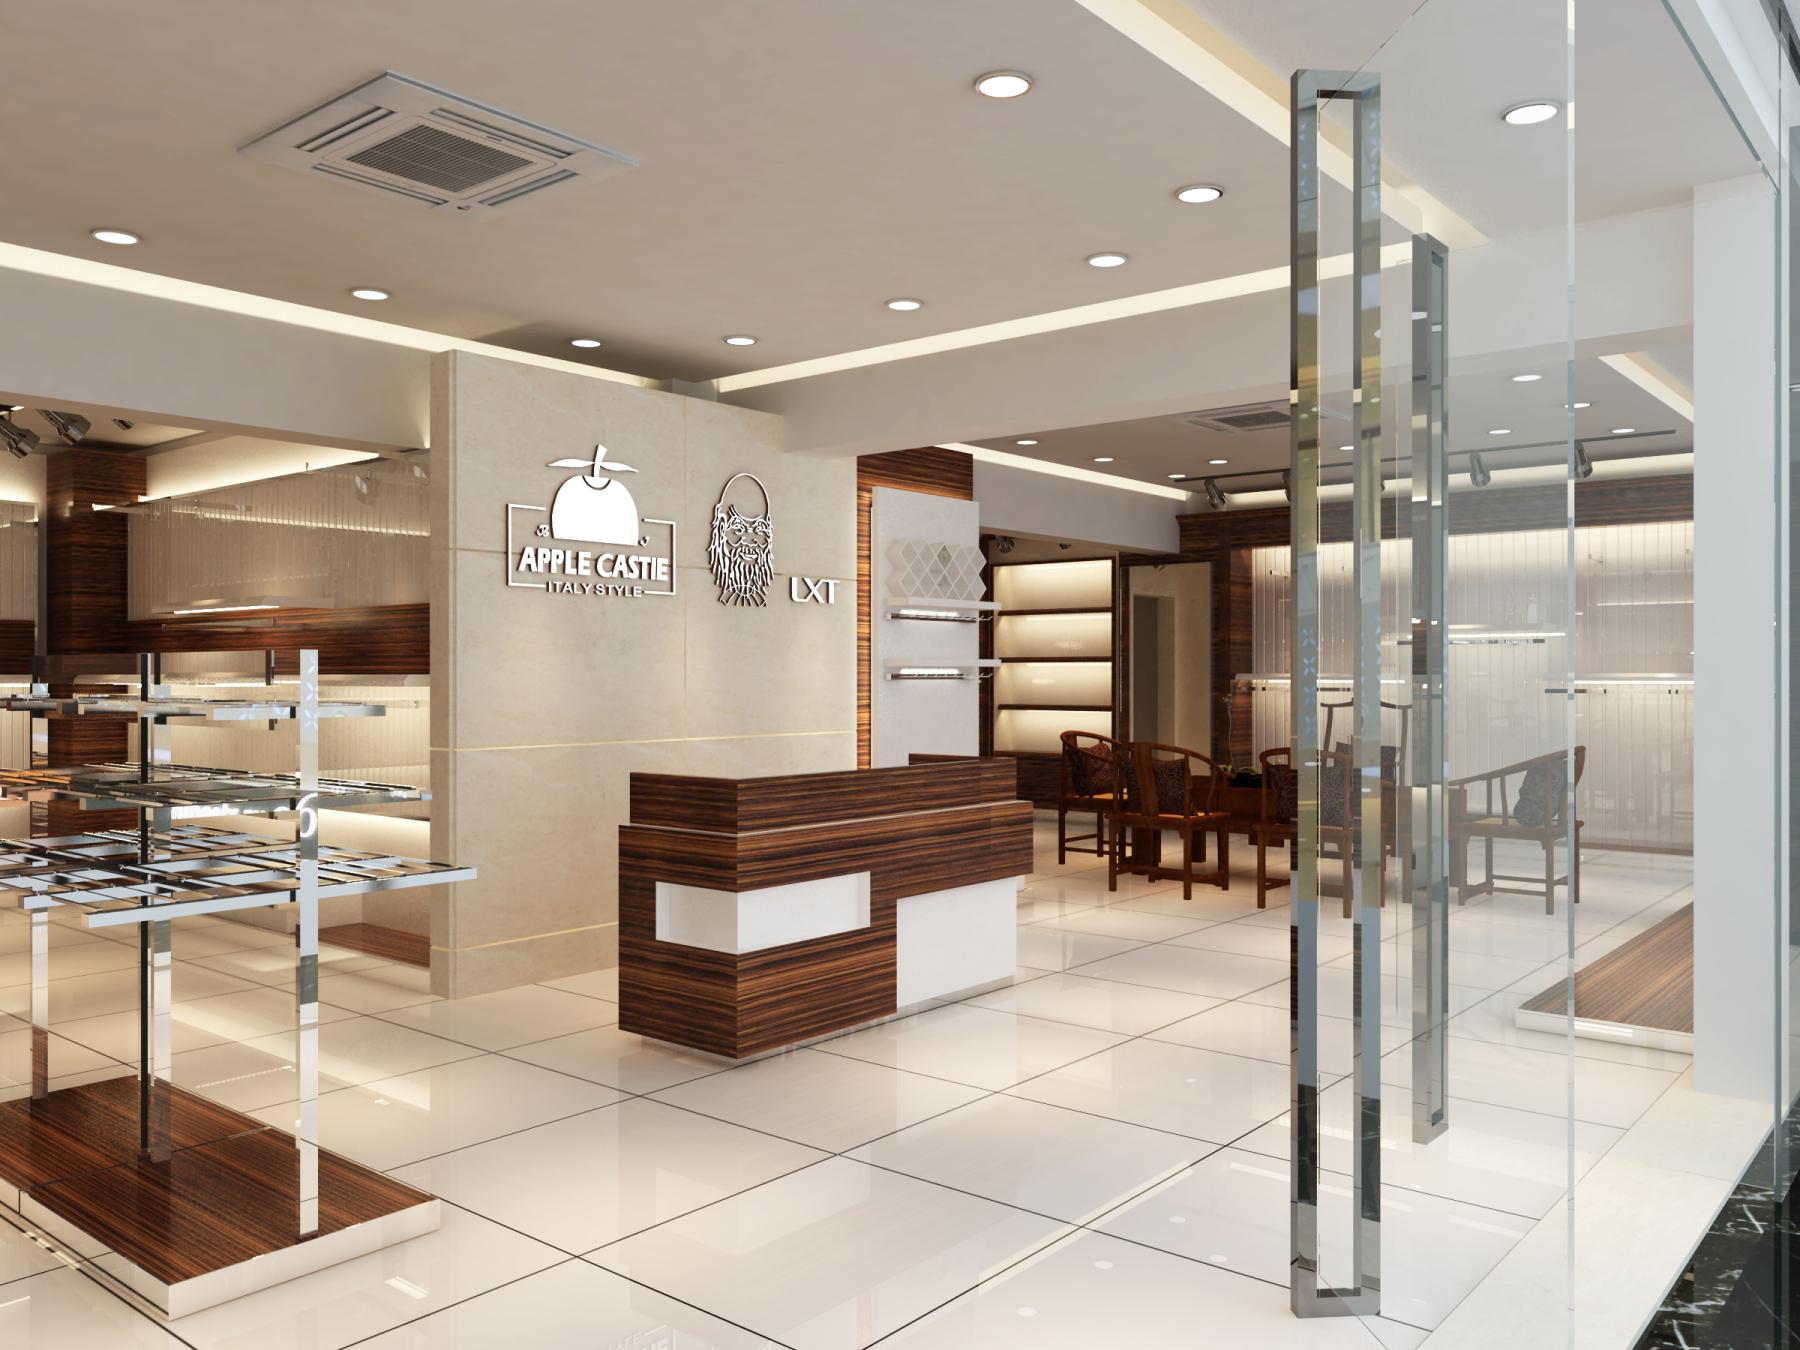 详细说明 泉州三艺家私有限公司是一家集商业空间、商场和各种领域空间专卖于一身的现代化货架、柜台生产企业。 本公司专业生产各类展示柜、陈列架、柜台、货架,产品适用于各种经营鞋类、服装、皮具、化妆品、珠宝等的店铺。 公司实力雄厚,拥有富有创新思维的尖端产品设计研发队伍和独特创新的生产制作工艺,以及一支数百人的专业生产团队。公司管理体系完善,严格按照标准质量体系,对产品生产和安装质量以及环保的要求进行全程控制。同时我们还拥有近万平方米的生产厂房,并配备了各种专业、先进的生产设备。 在公司文化理念专业、高效、质量